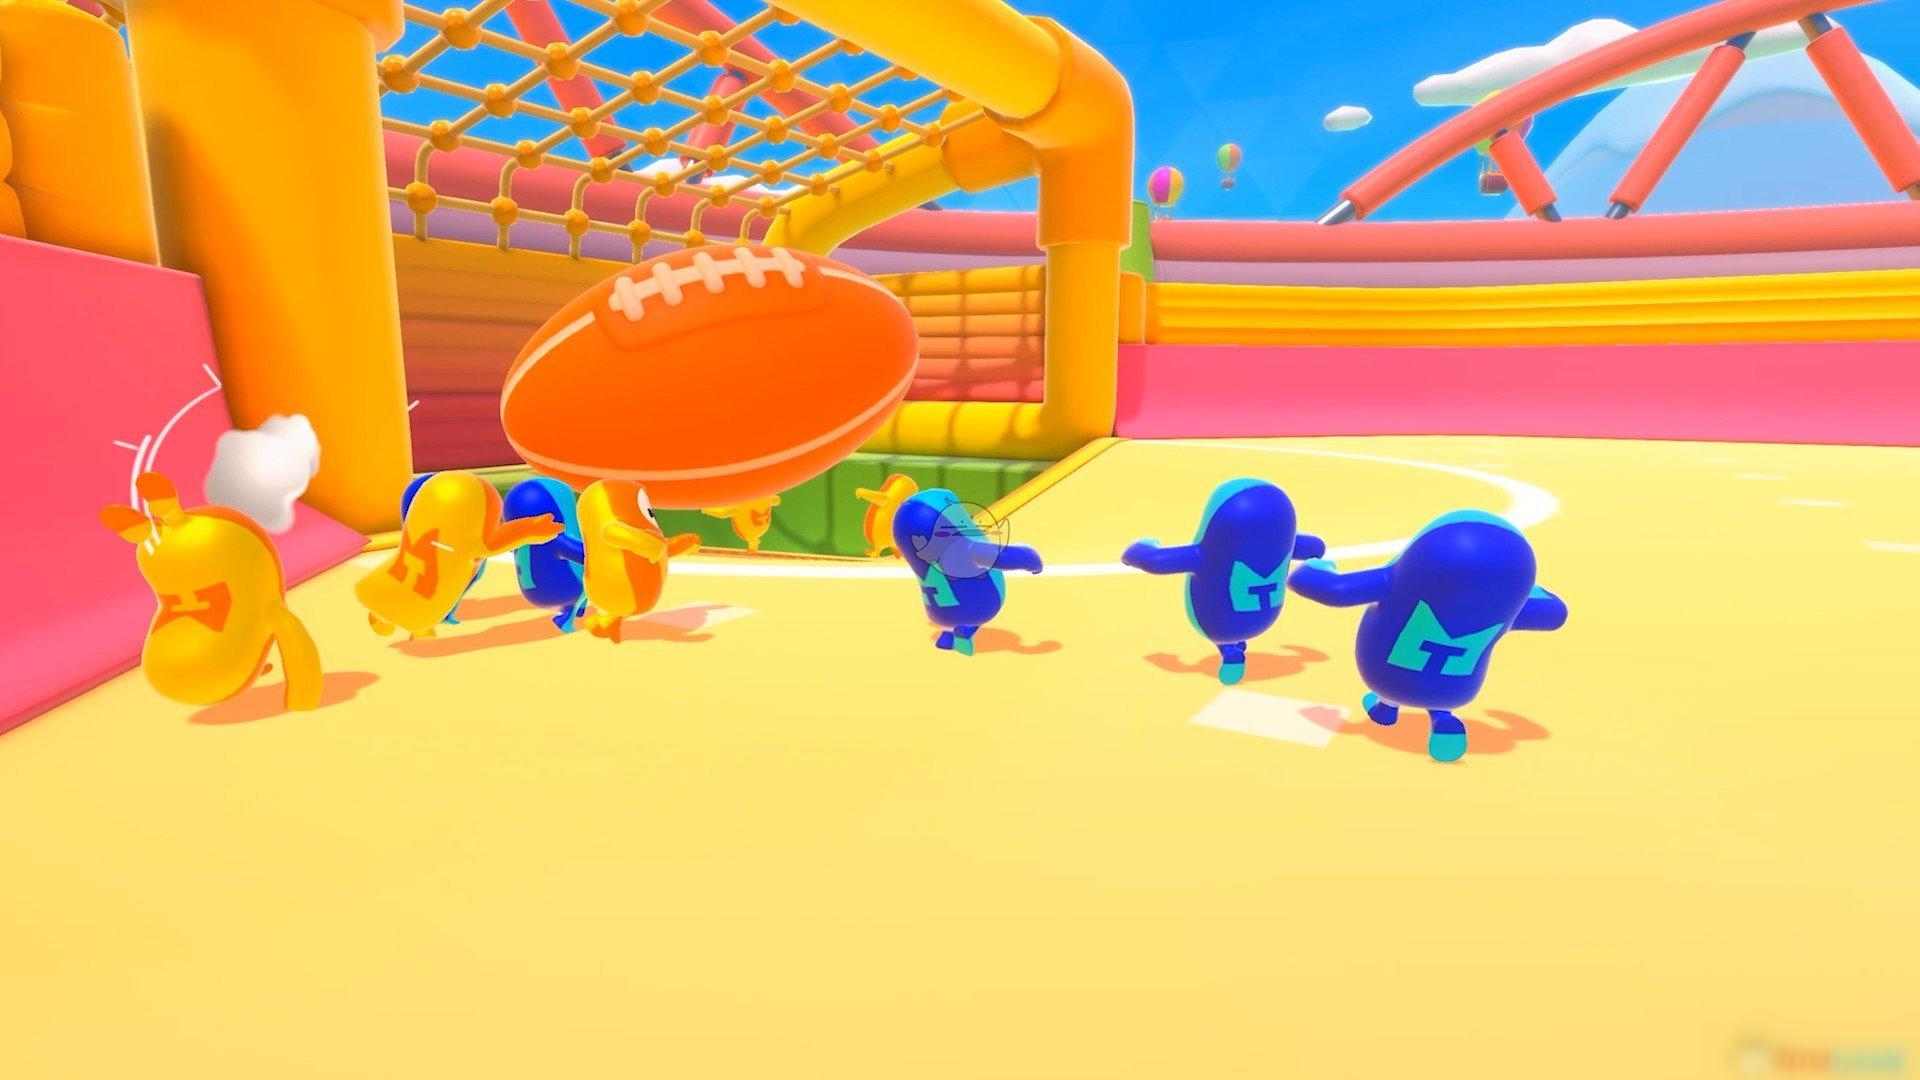 《糖豆人终极淘汰赛》追尾游戏怎么玩 追尾游戏玩法心得分享